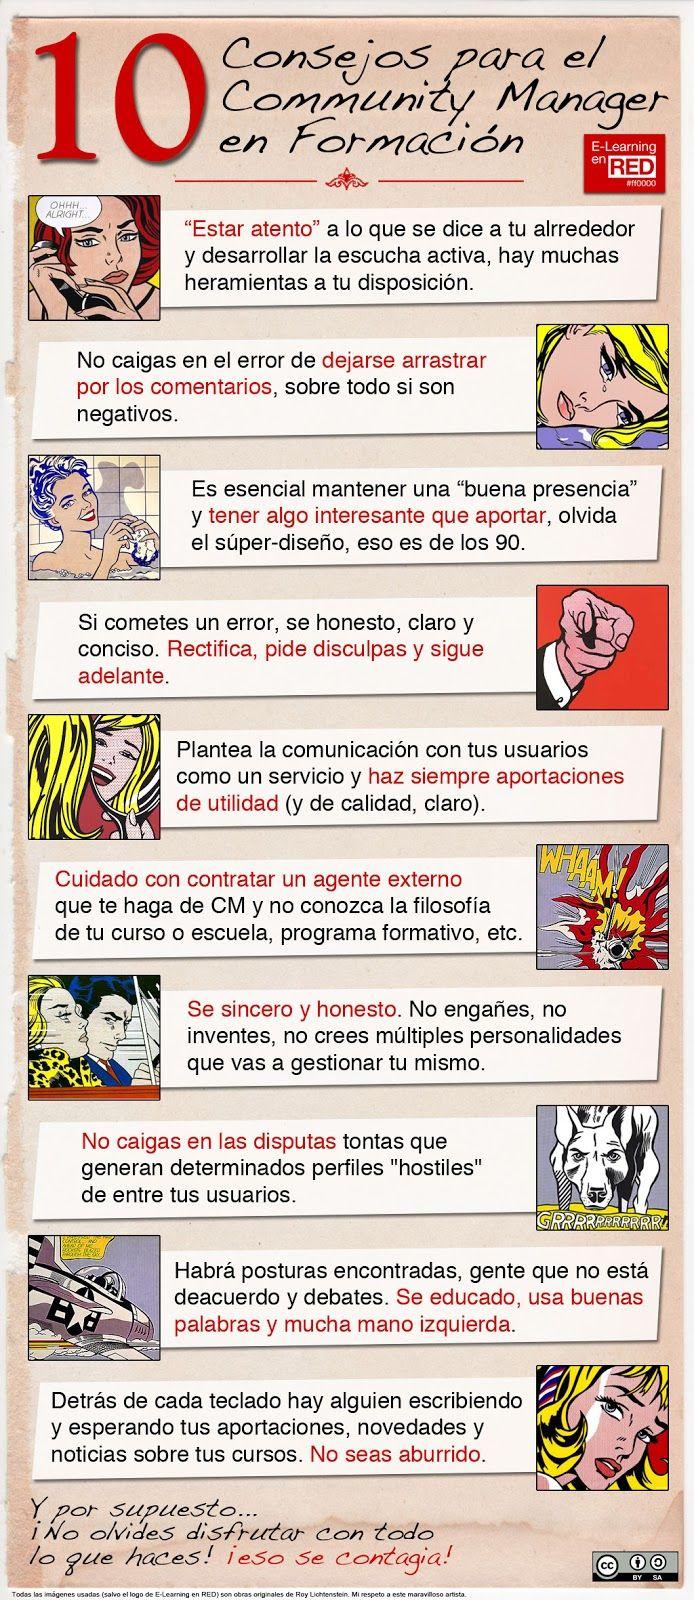 10 consejos para el Community Manager en Formación #infografia en español